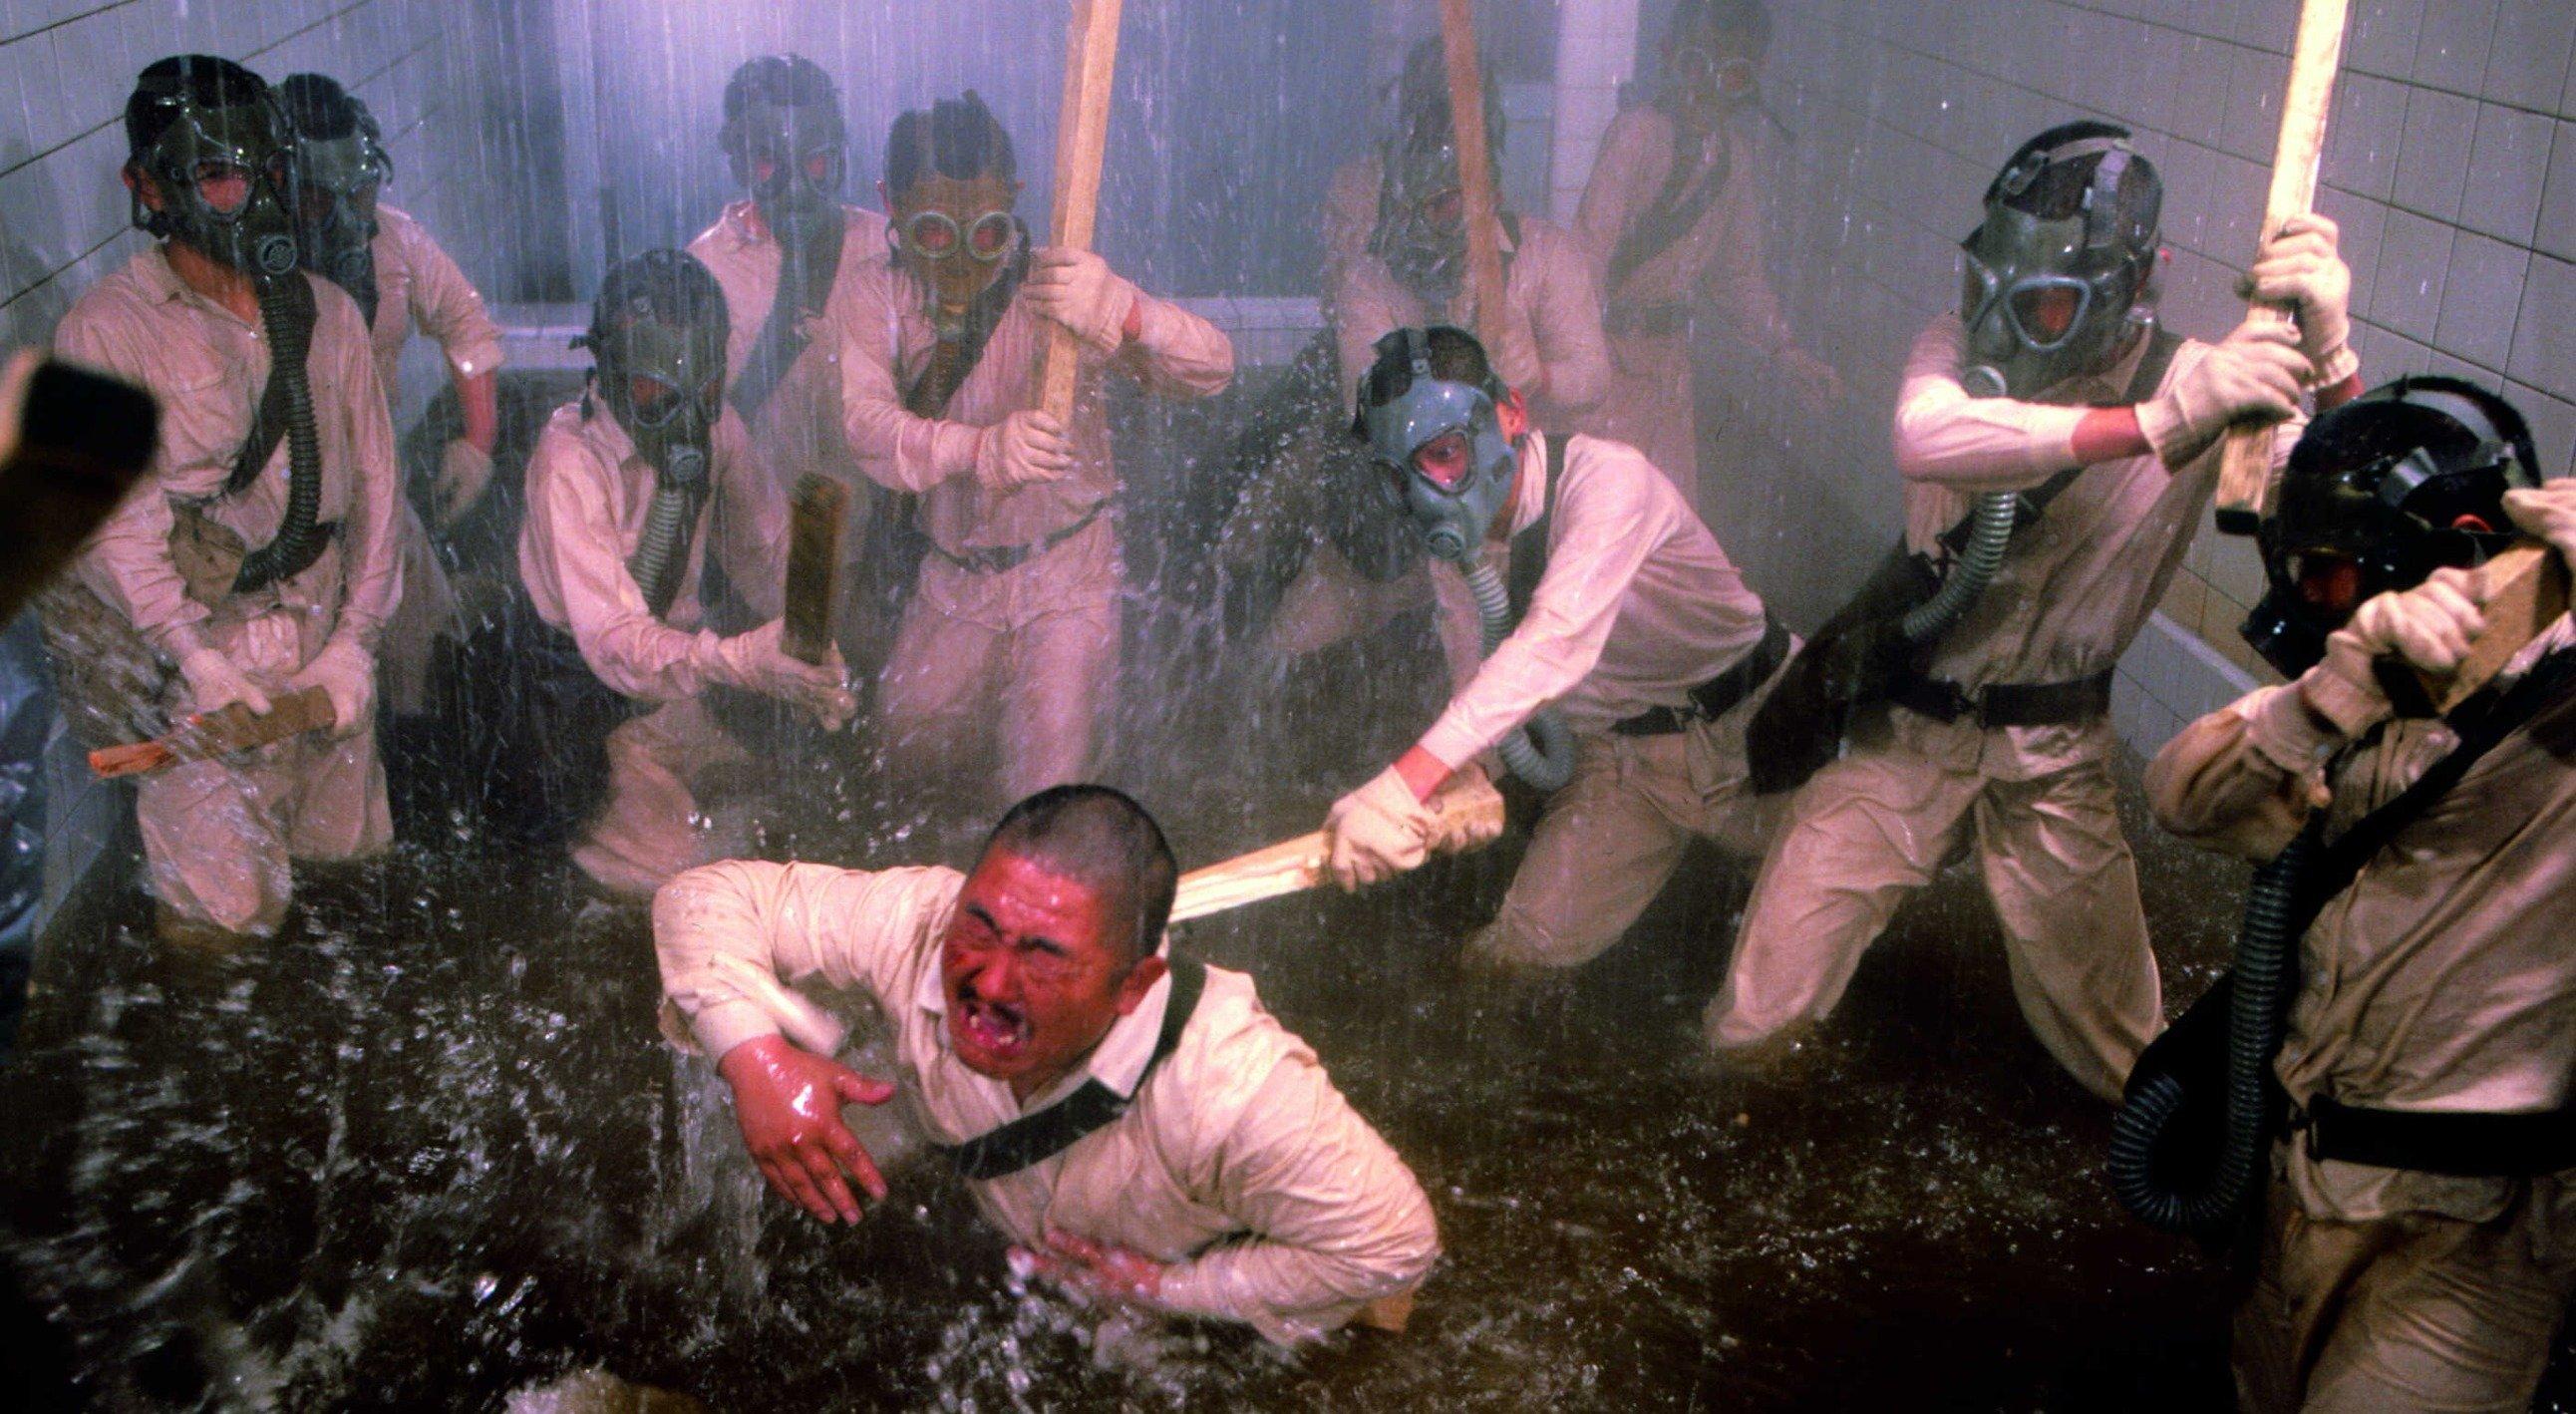 10 самых ужасных фильмов отвратительные фильмы фильмы которые не нужно смотреть